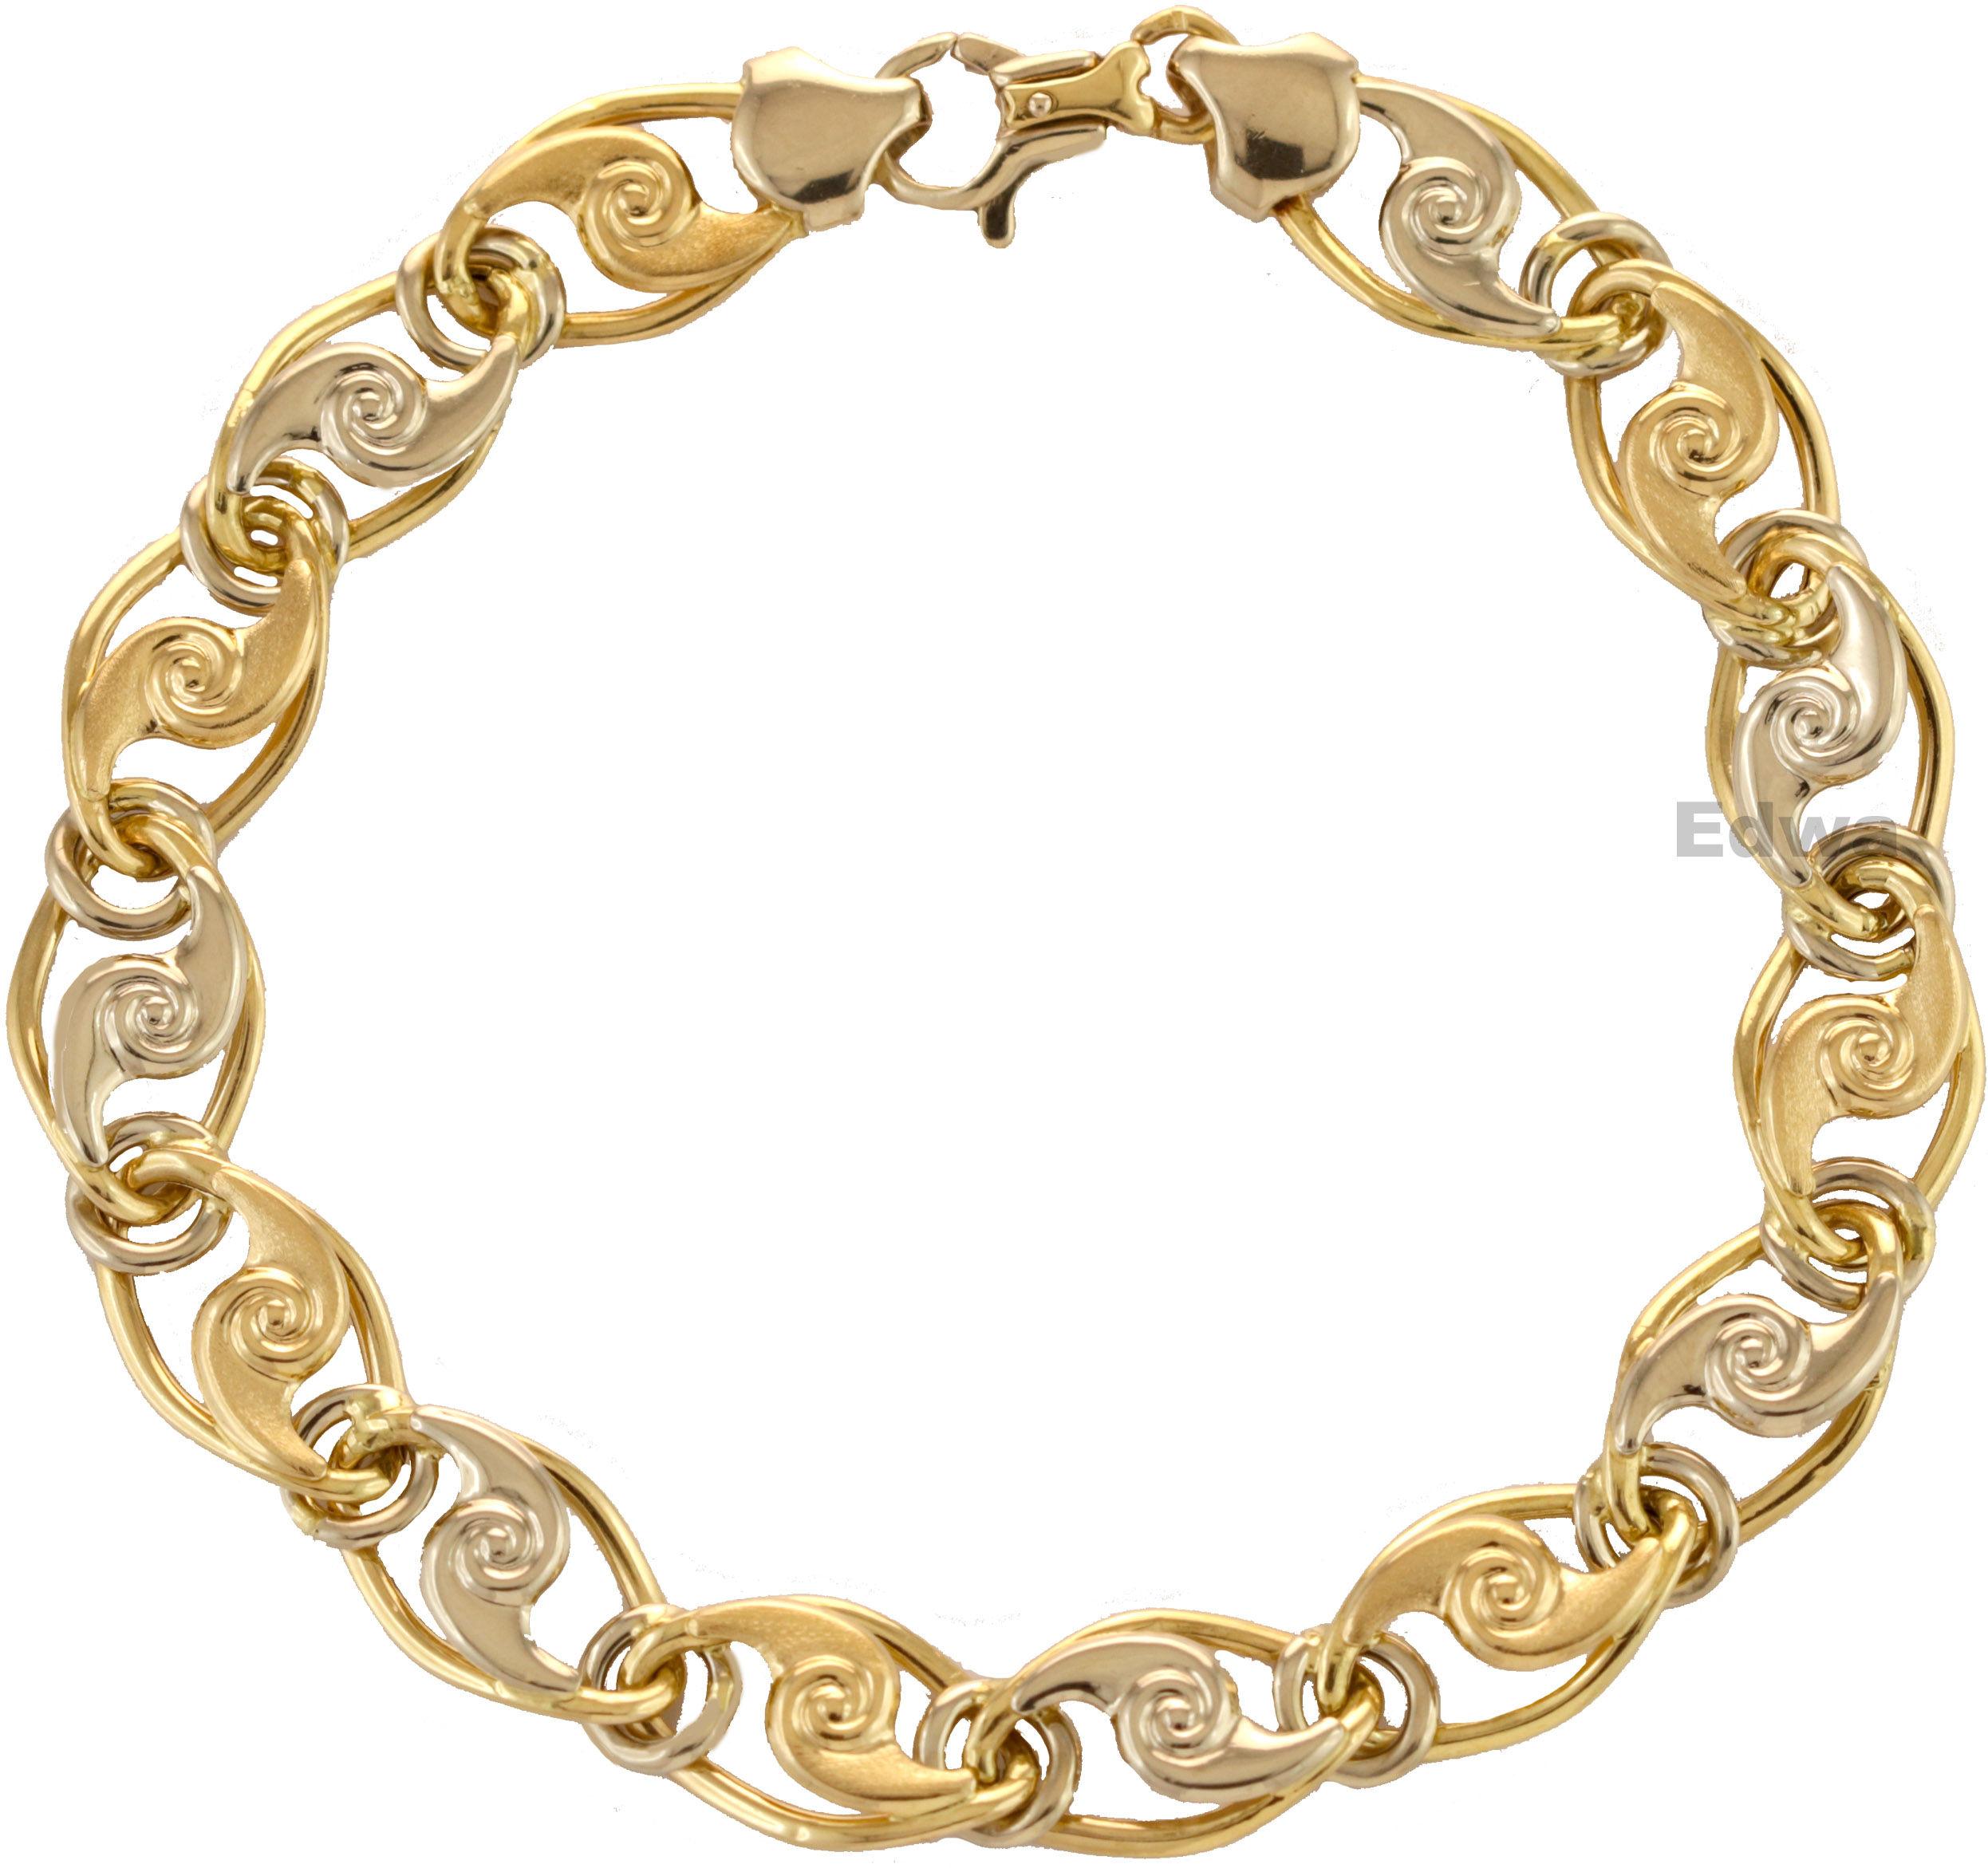 Bransoletka złota dwukolorowa wzór fantazyjny pr.585